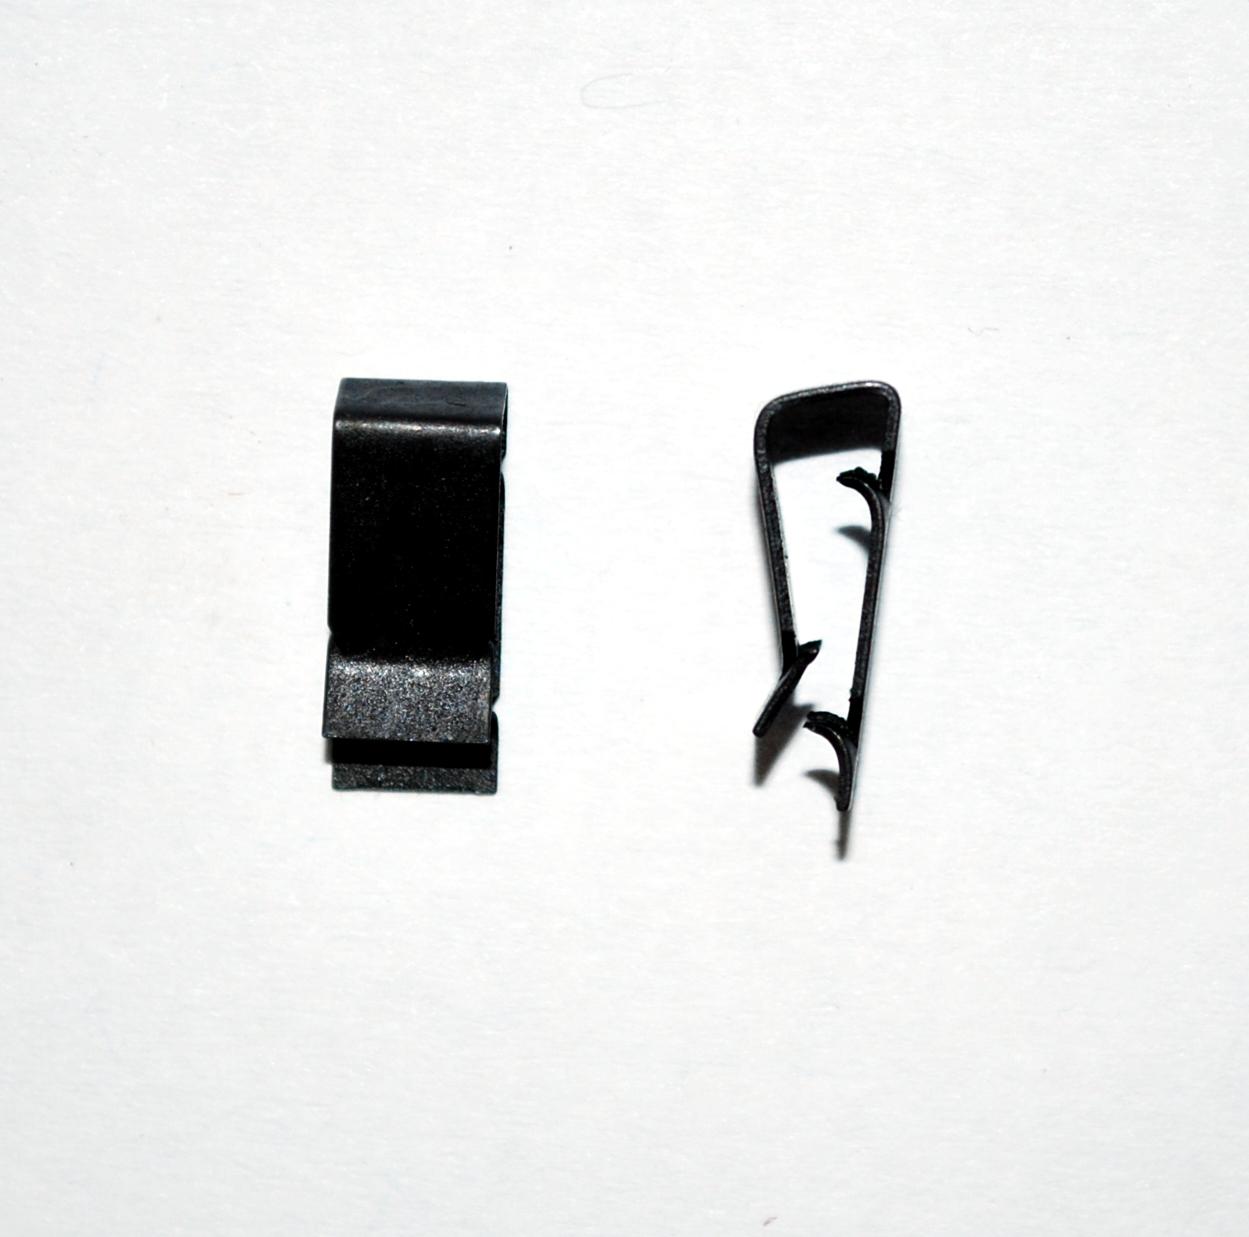 xw-ric-04-copy.jpg